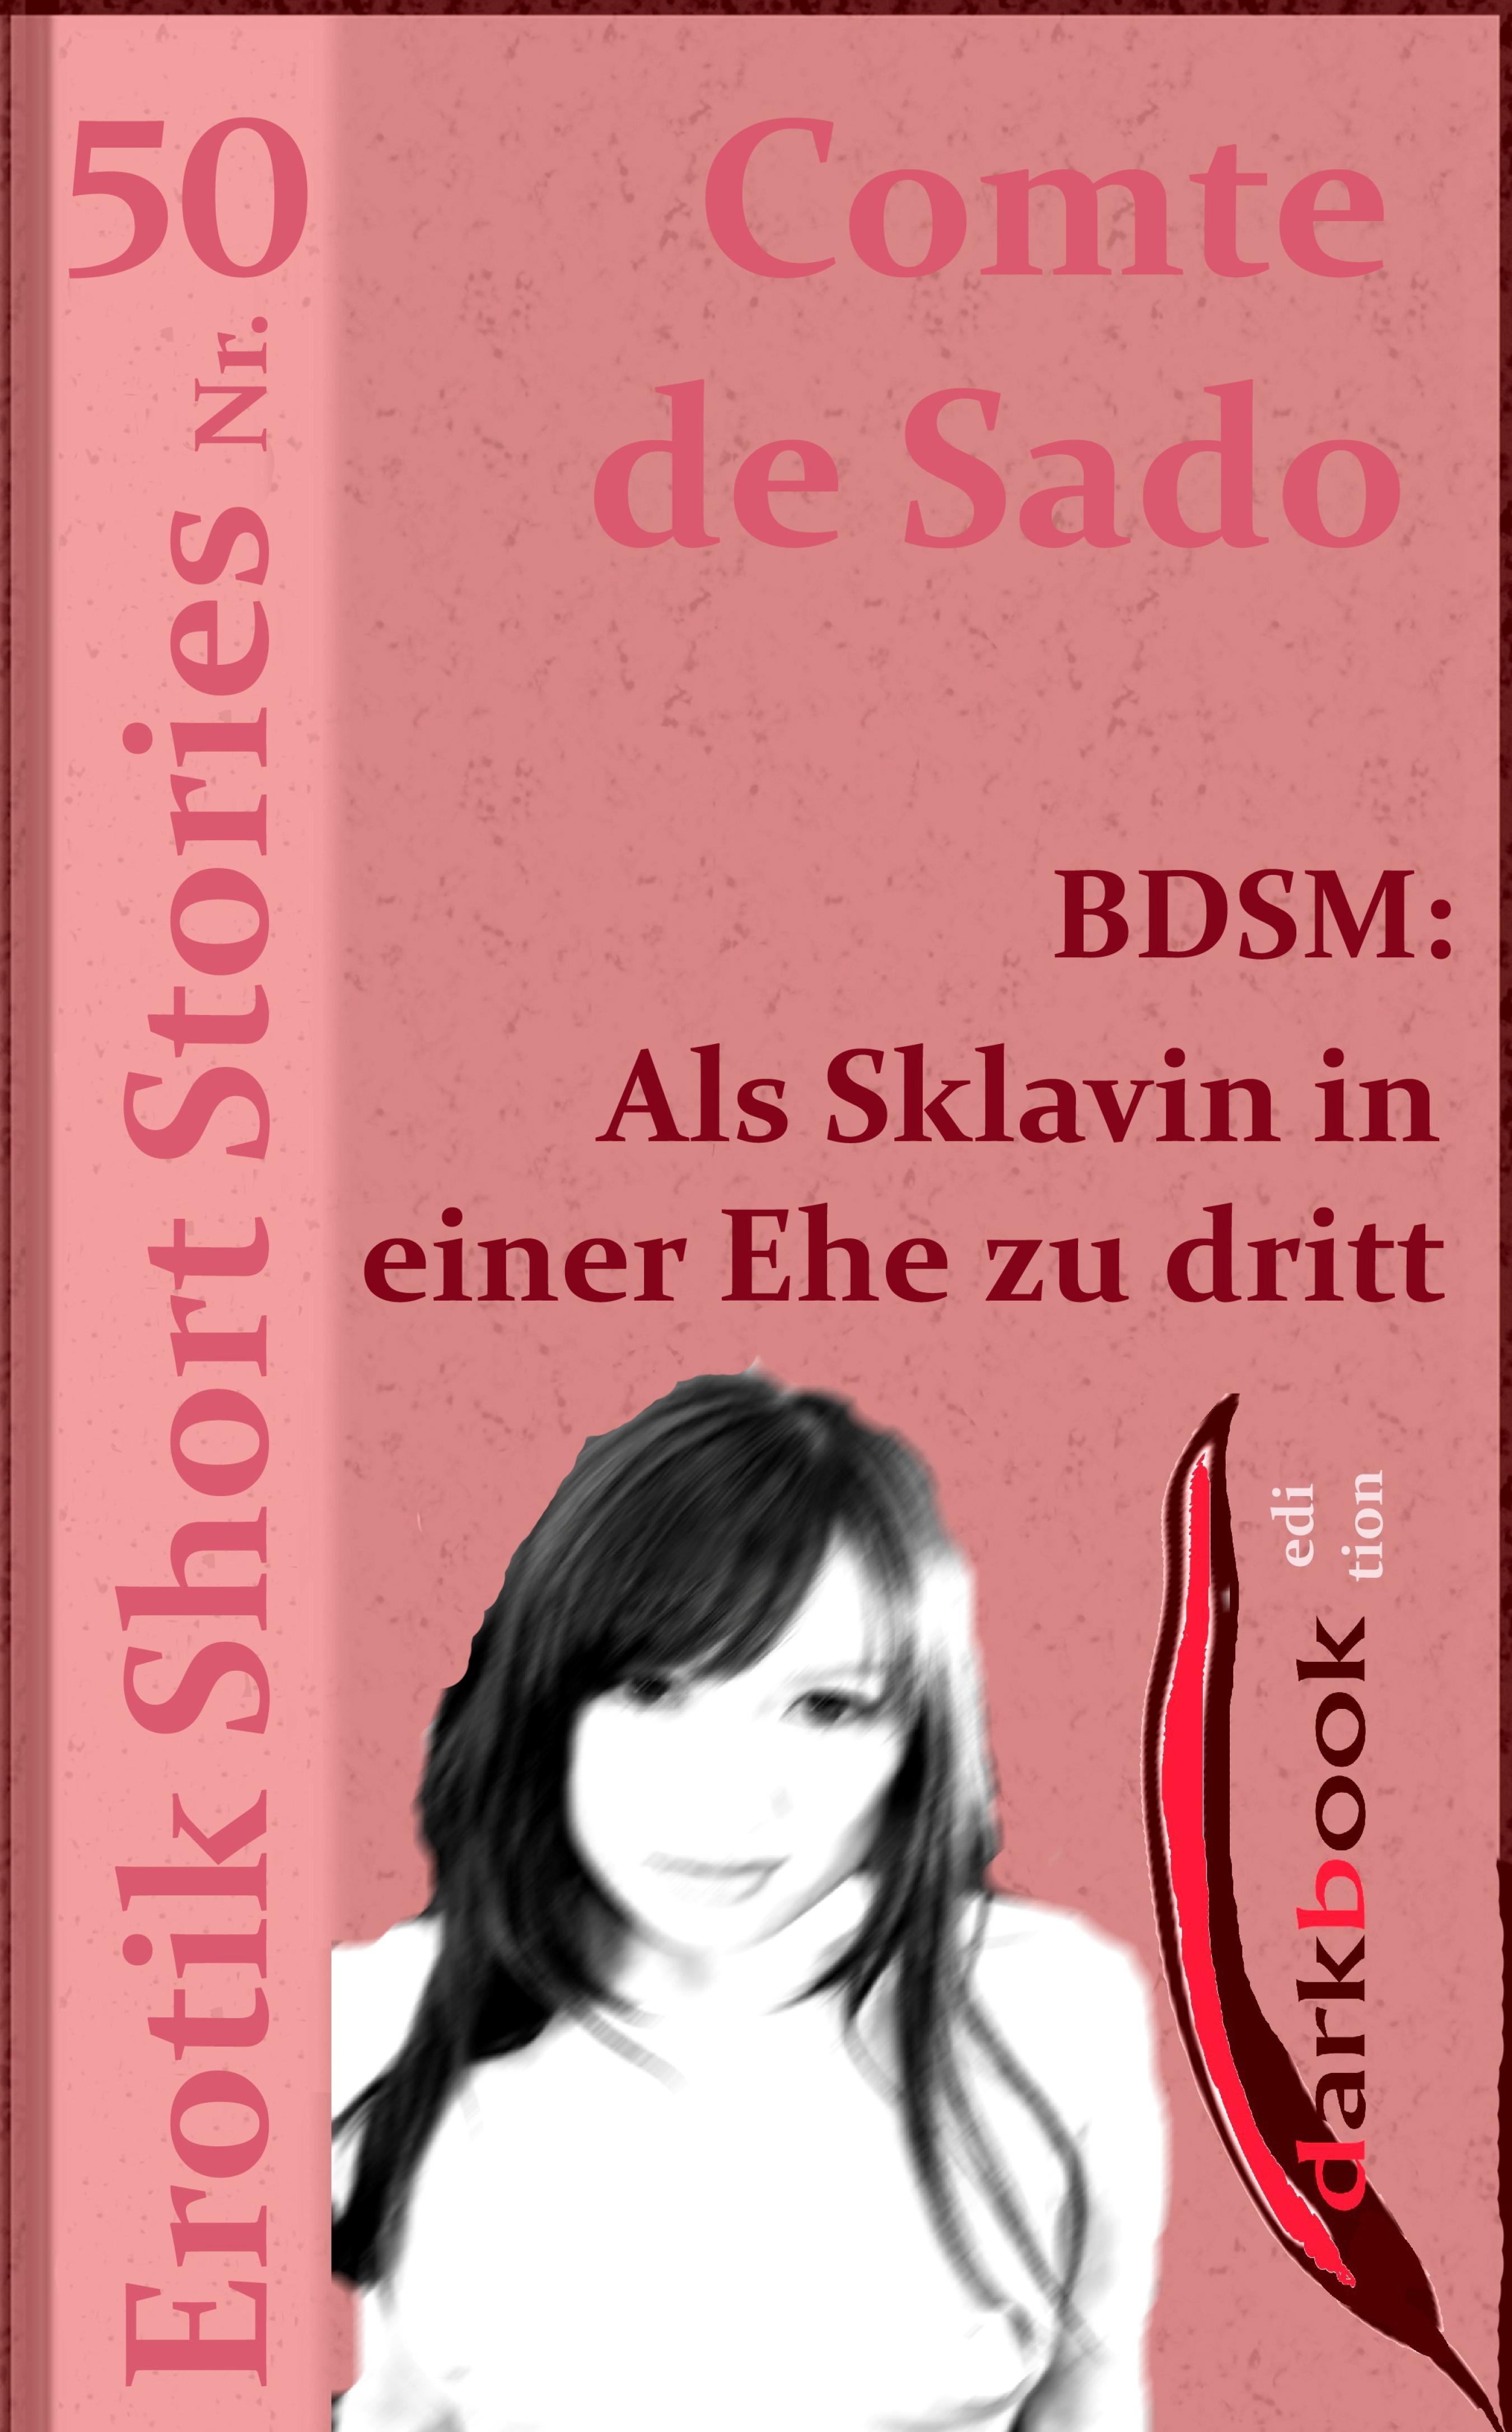 Comte de Sado BDSM: Als Sklavin in einer Ehe zu dritt comte de sado bdsm rosi weiß was jünglinge brauchen